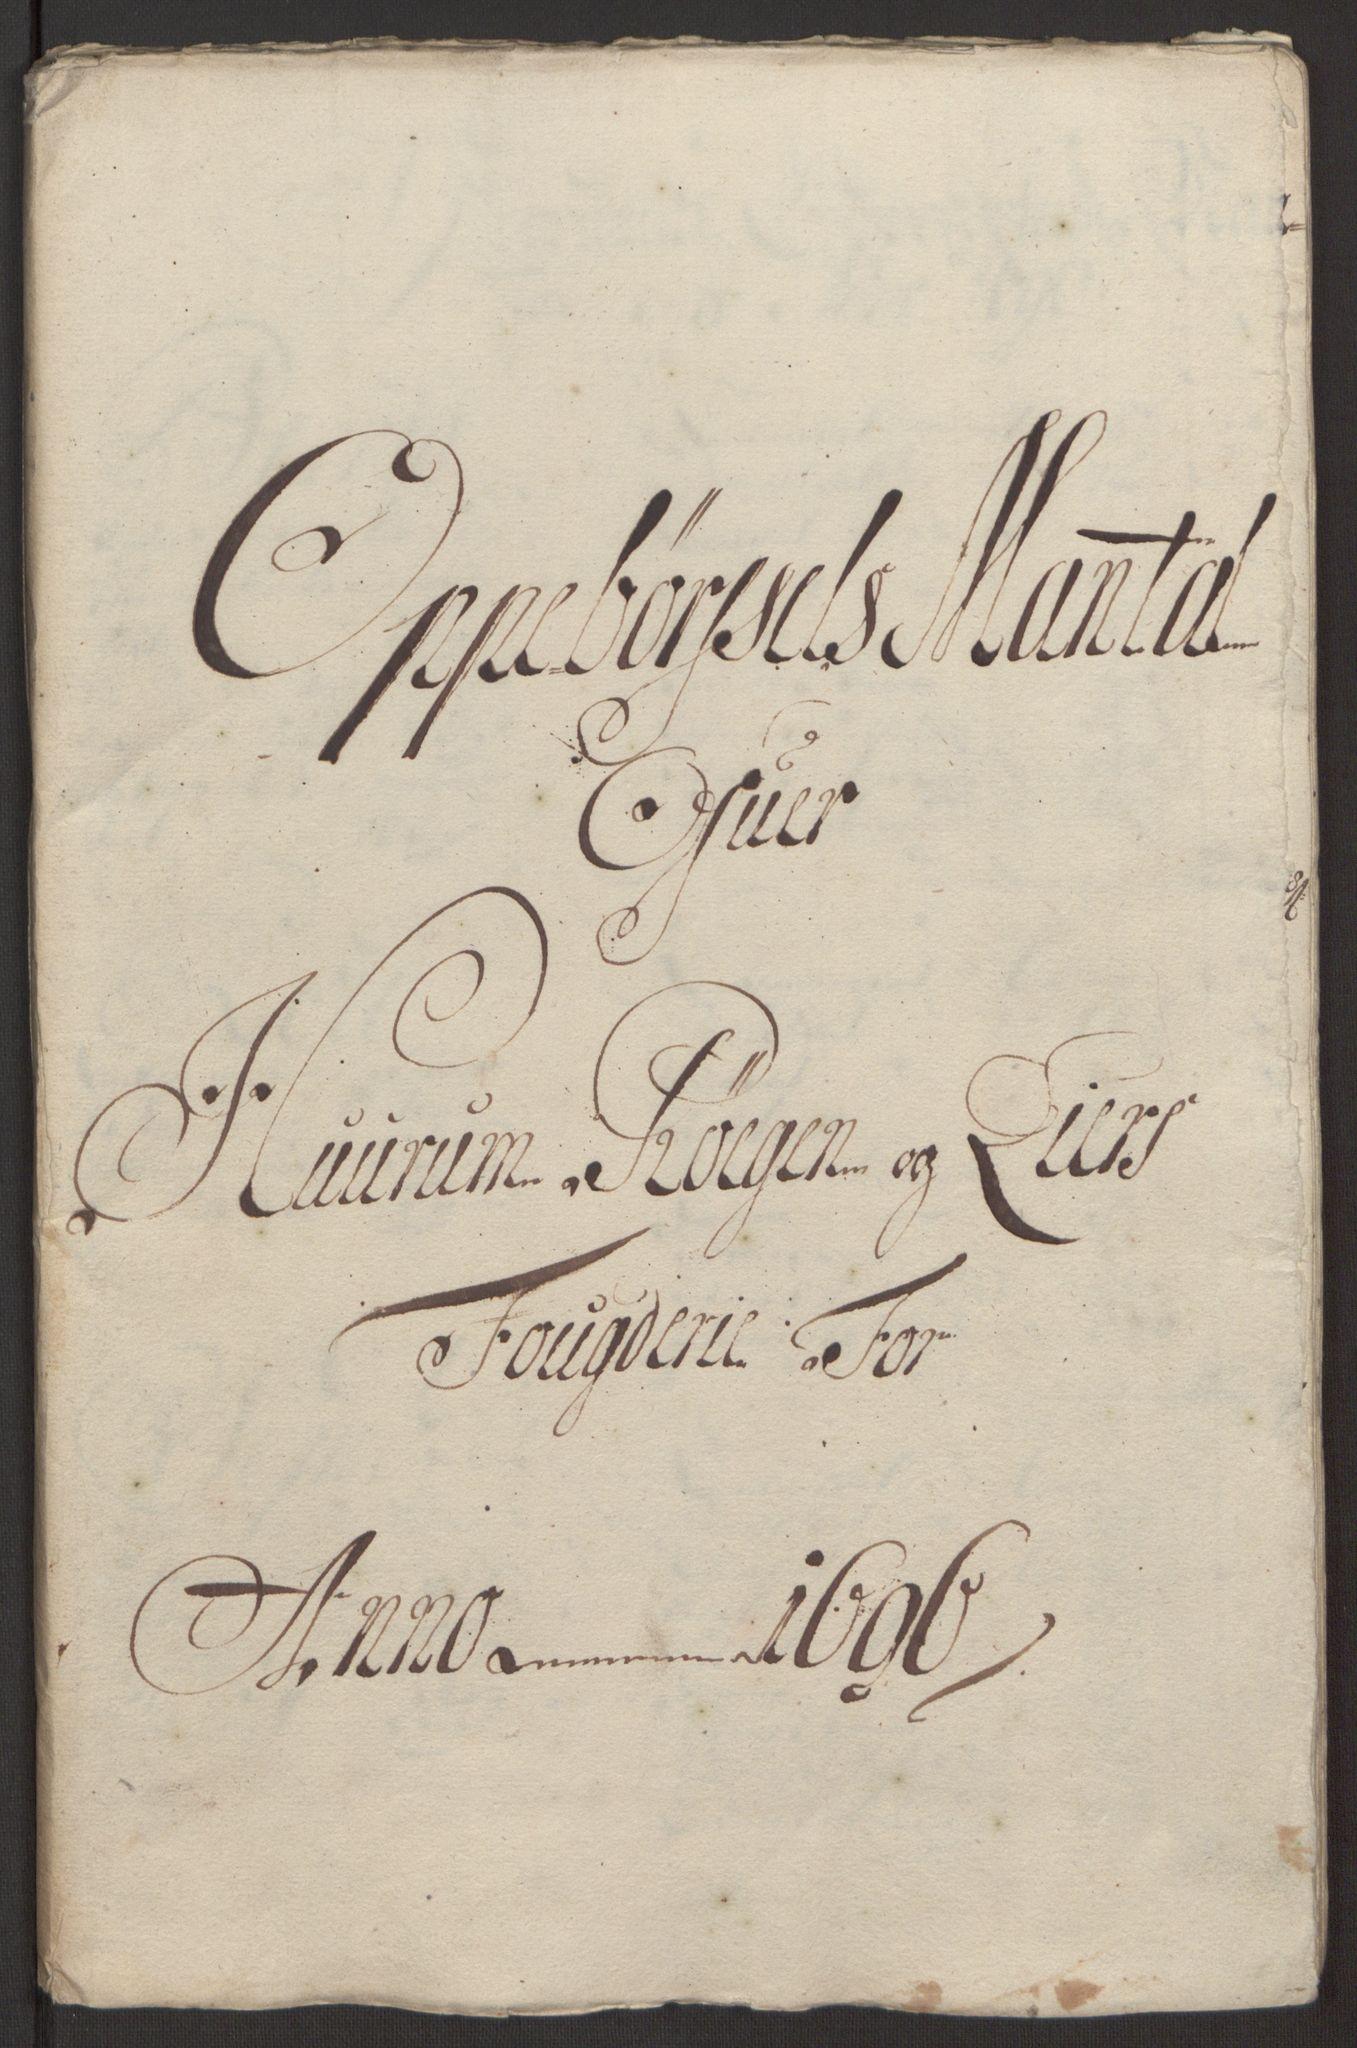 RA, Rentekammeret inntil 1814, Reviderte regnskaper, Fogderegnskap, R30/L1694: Fogderegnskap Hurum, Røyken, Eiker og Lier, 1694-1696, s. 338